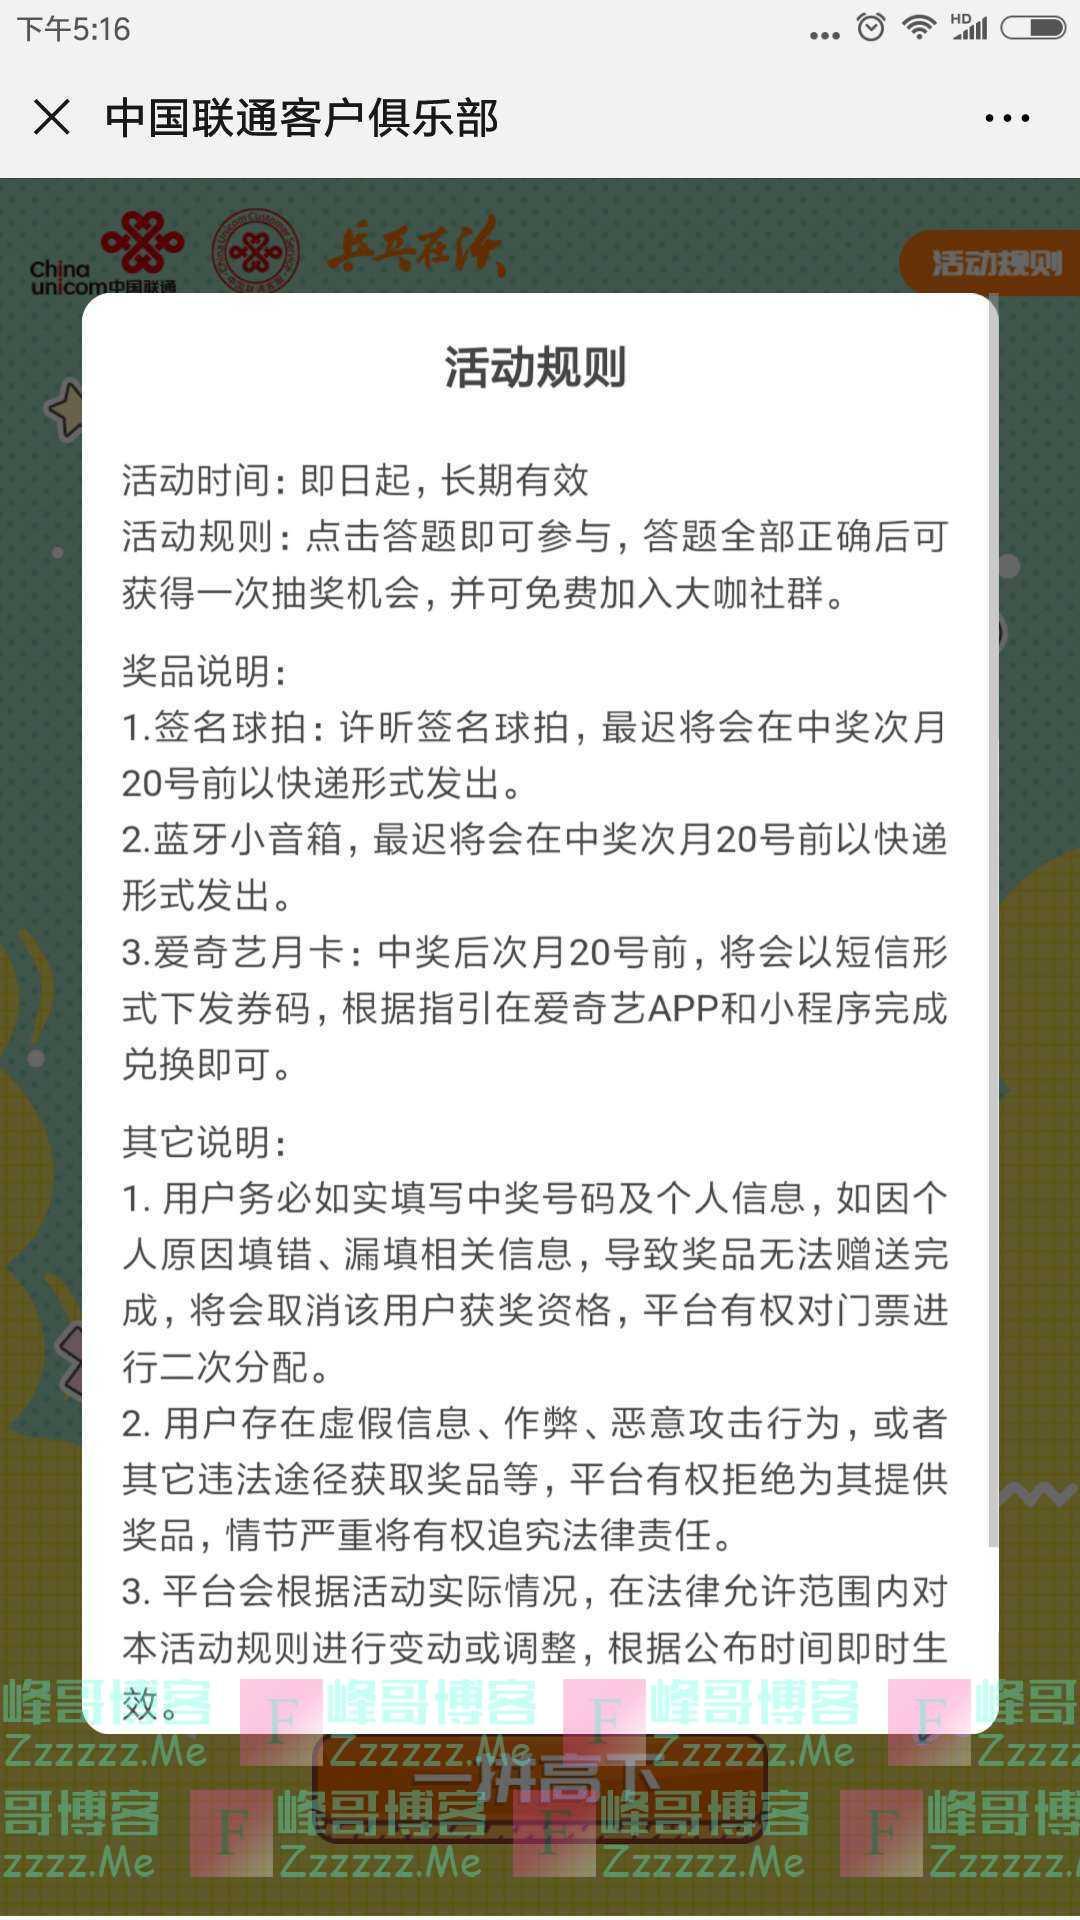 中国联通客服约战高分玩家!赢爱奇艺VIP(截止不详)